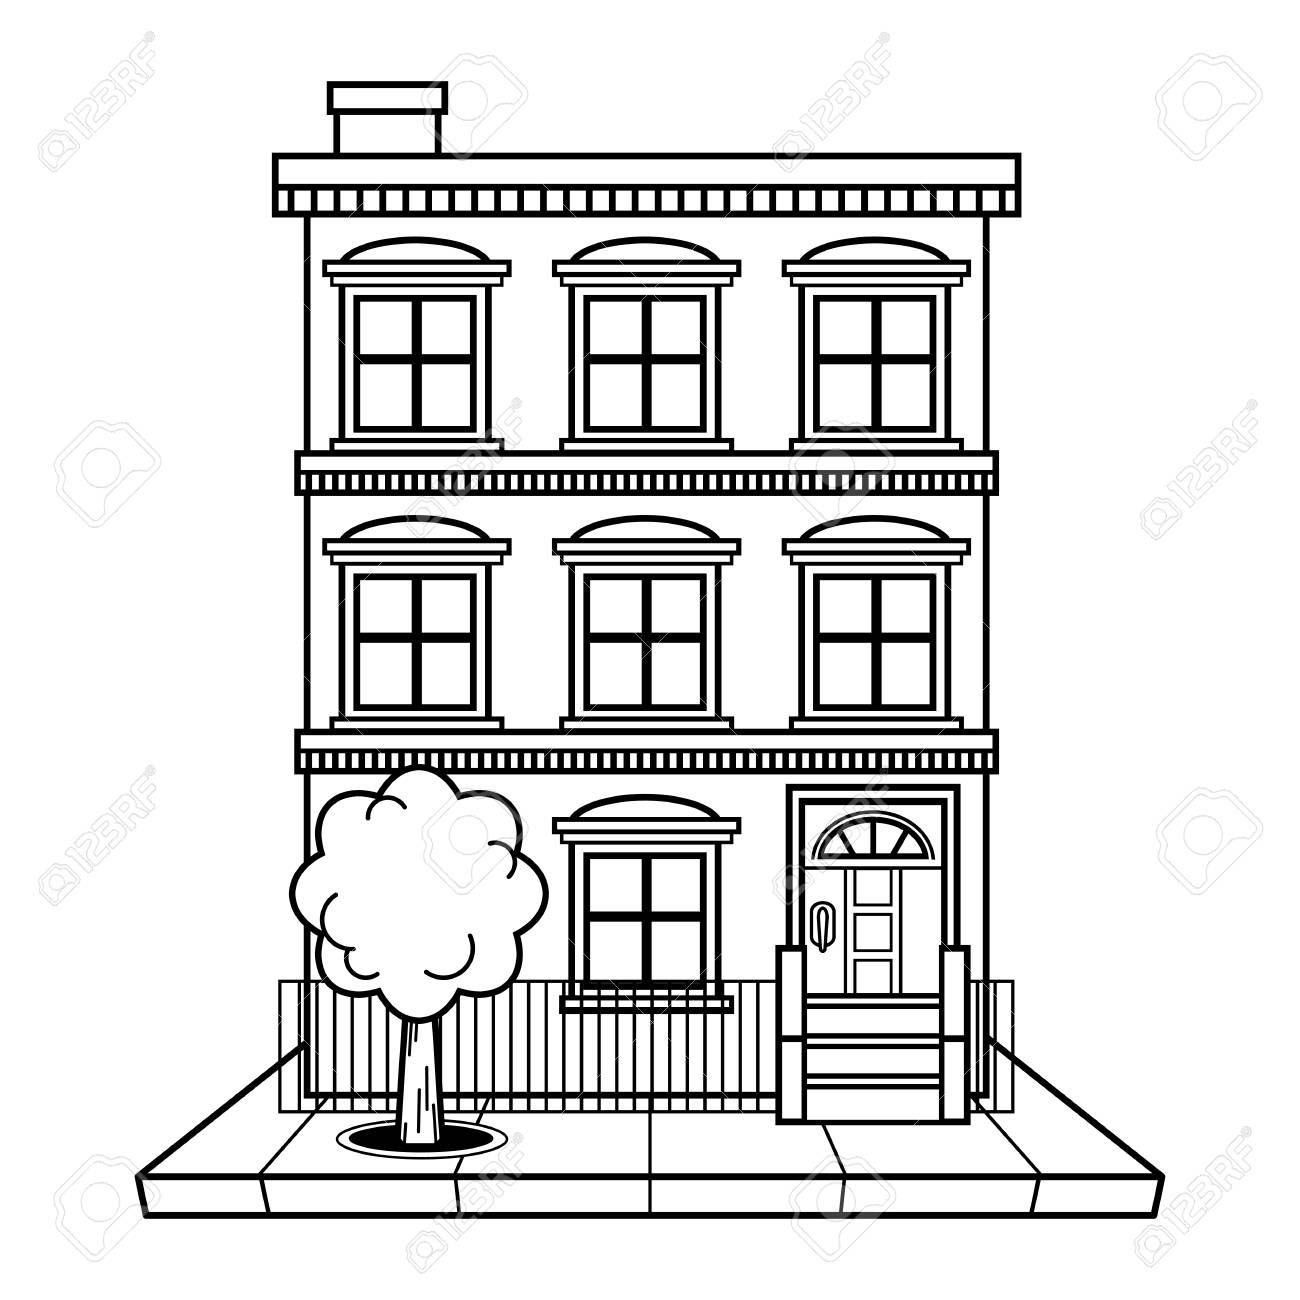 1074 apartment building clip art free   Public domain vectors